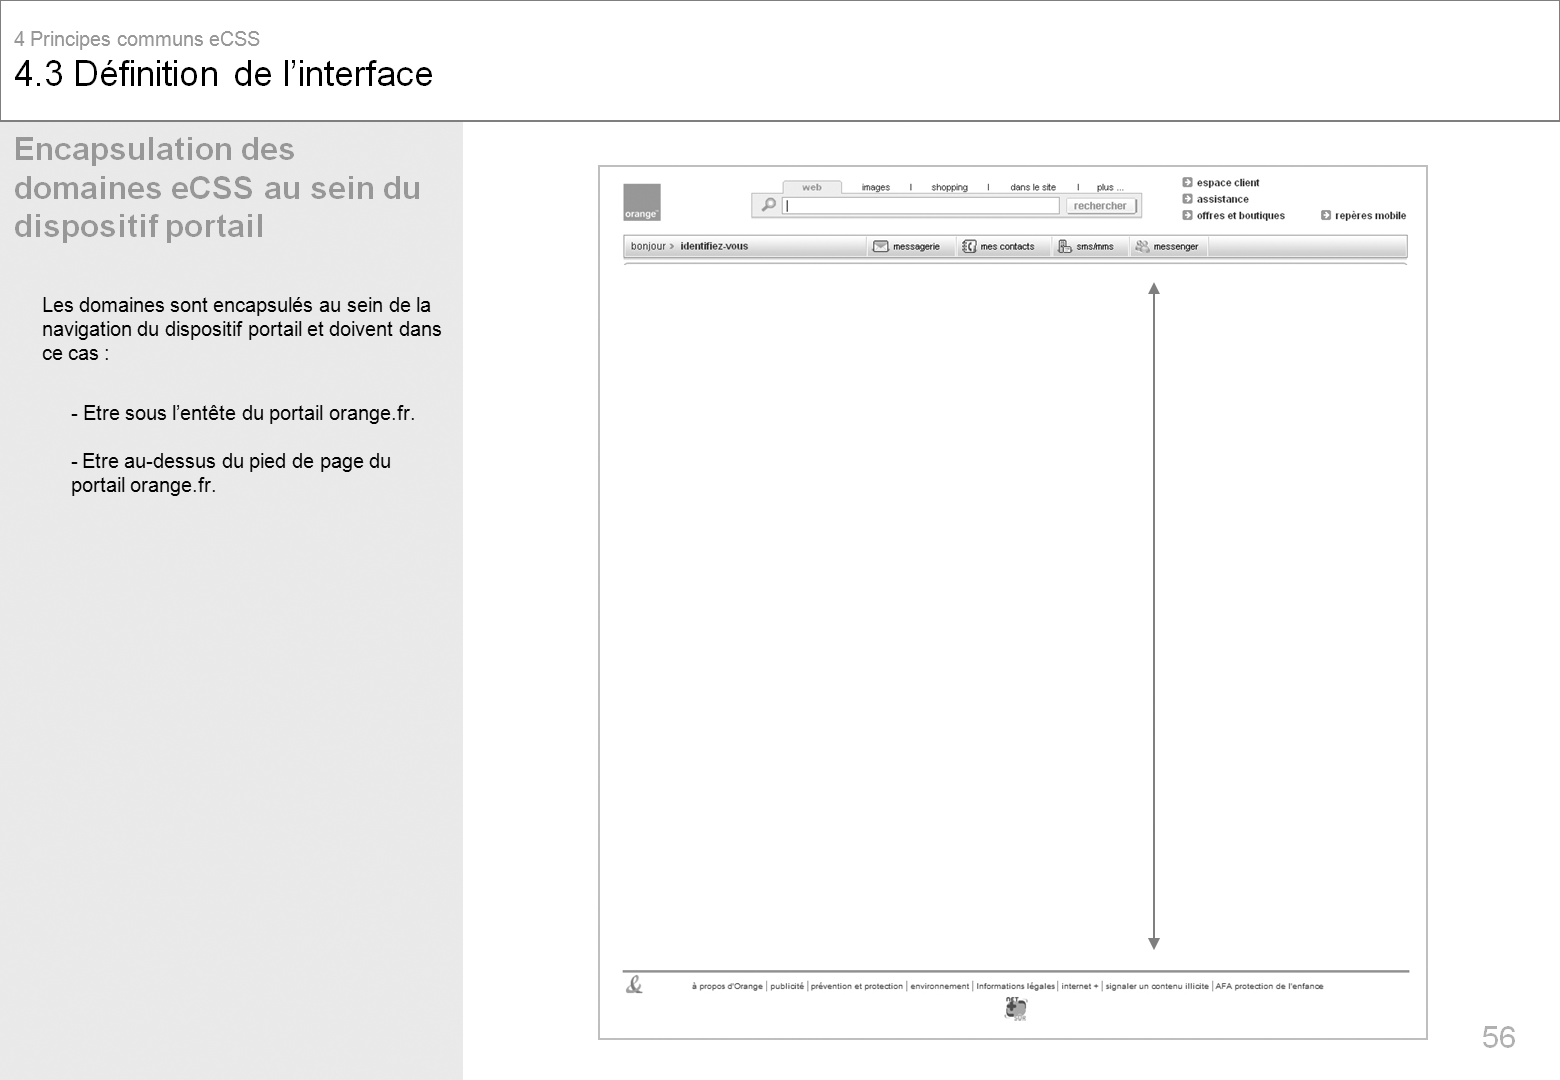 Etude de cas ux boutique design d 39 exp rience utilisateur cas - Definition de conception ...